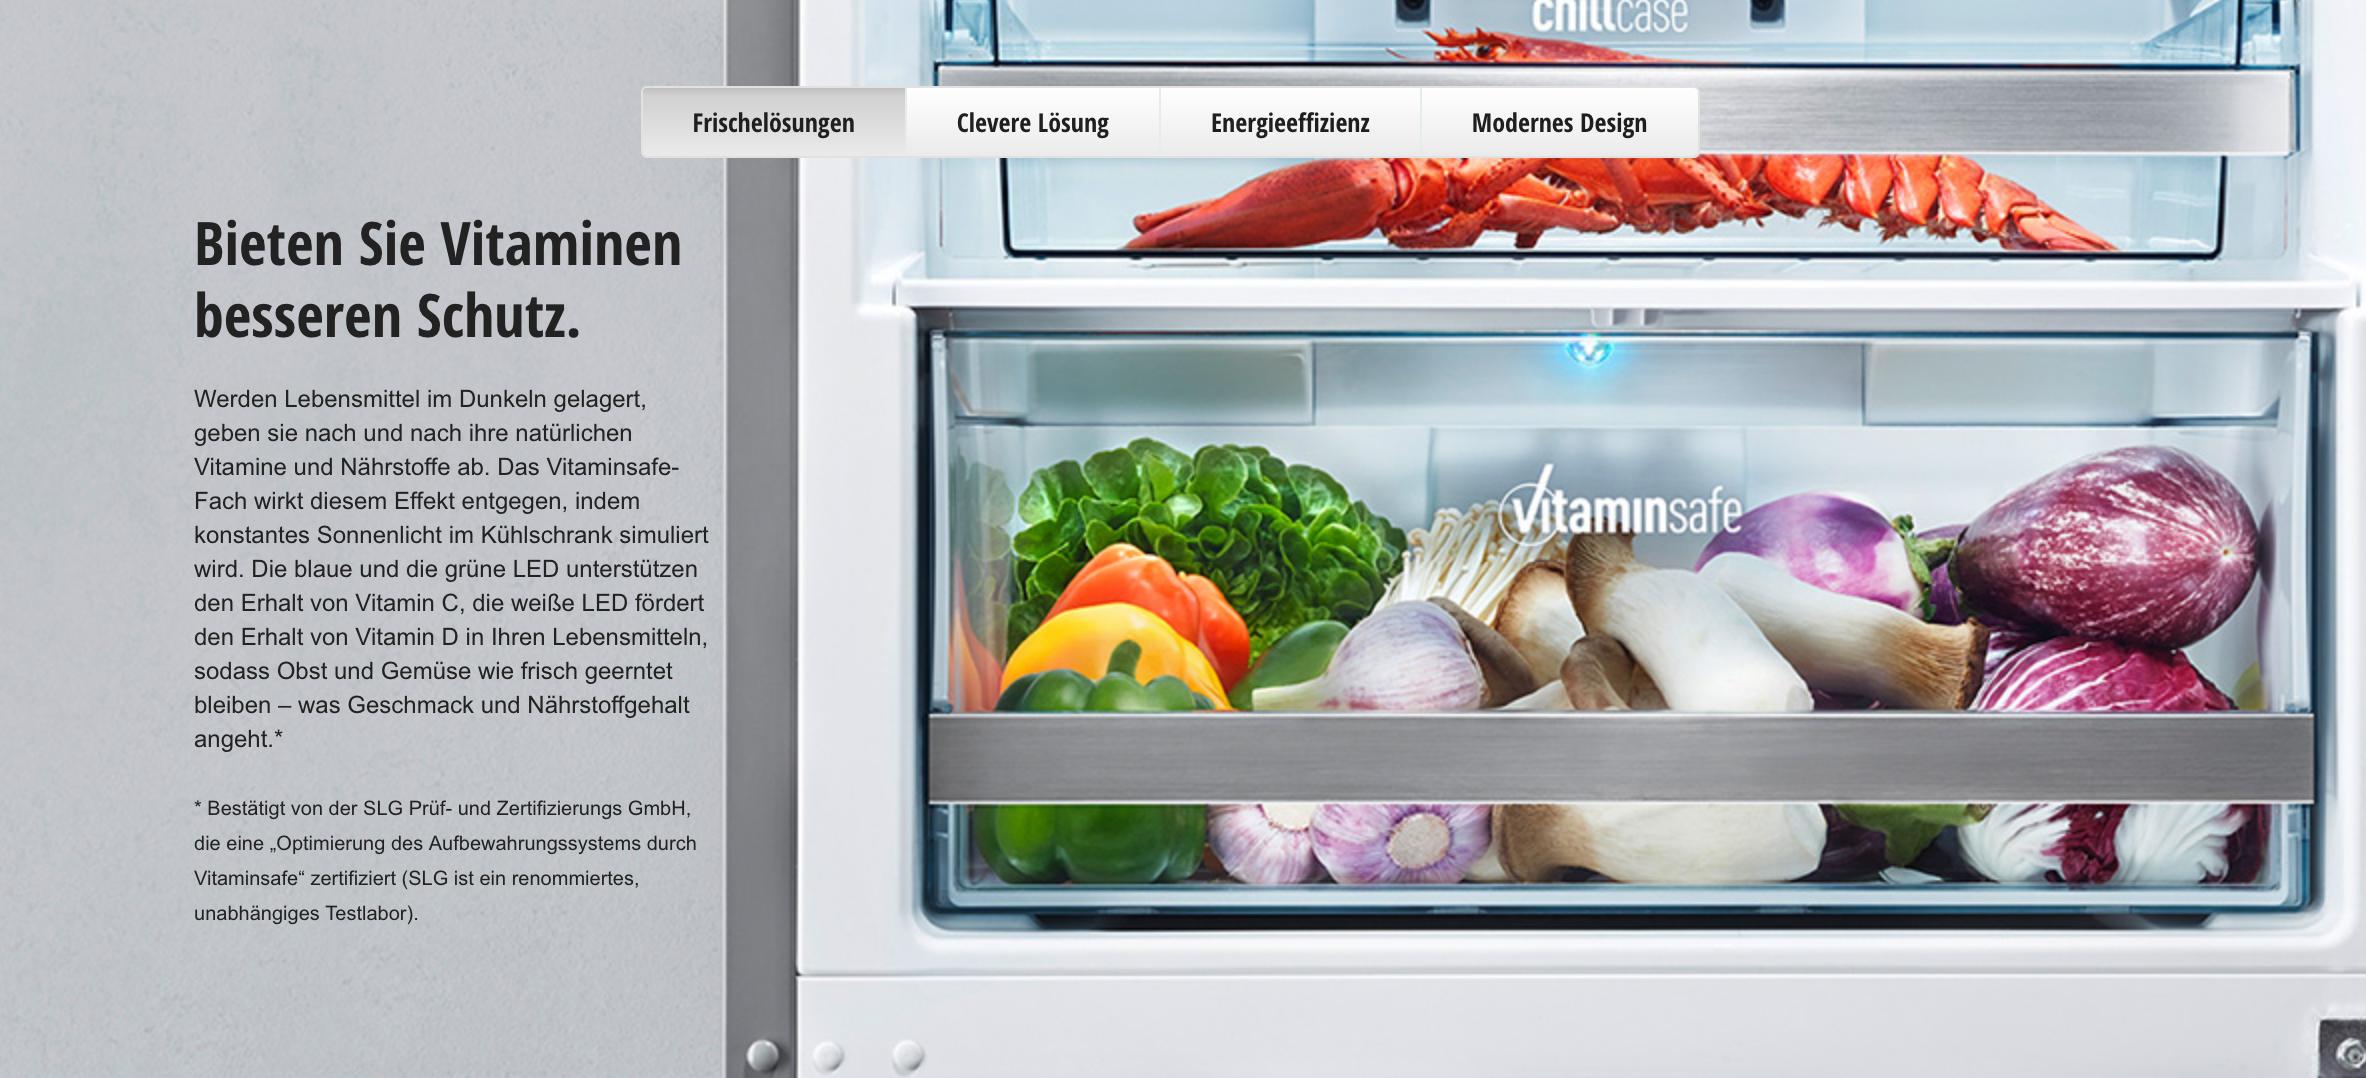 Super Unser Albtraum mit einem Kühlschrank - kurzvor Produkttests KV88